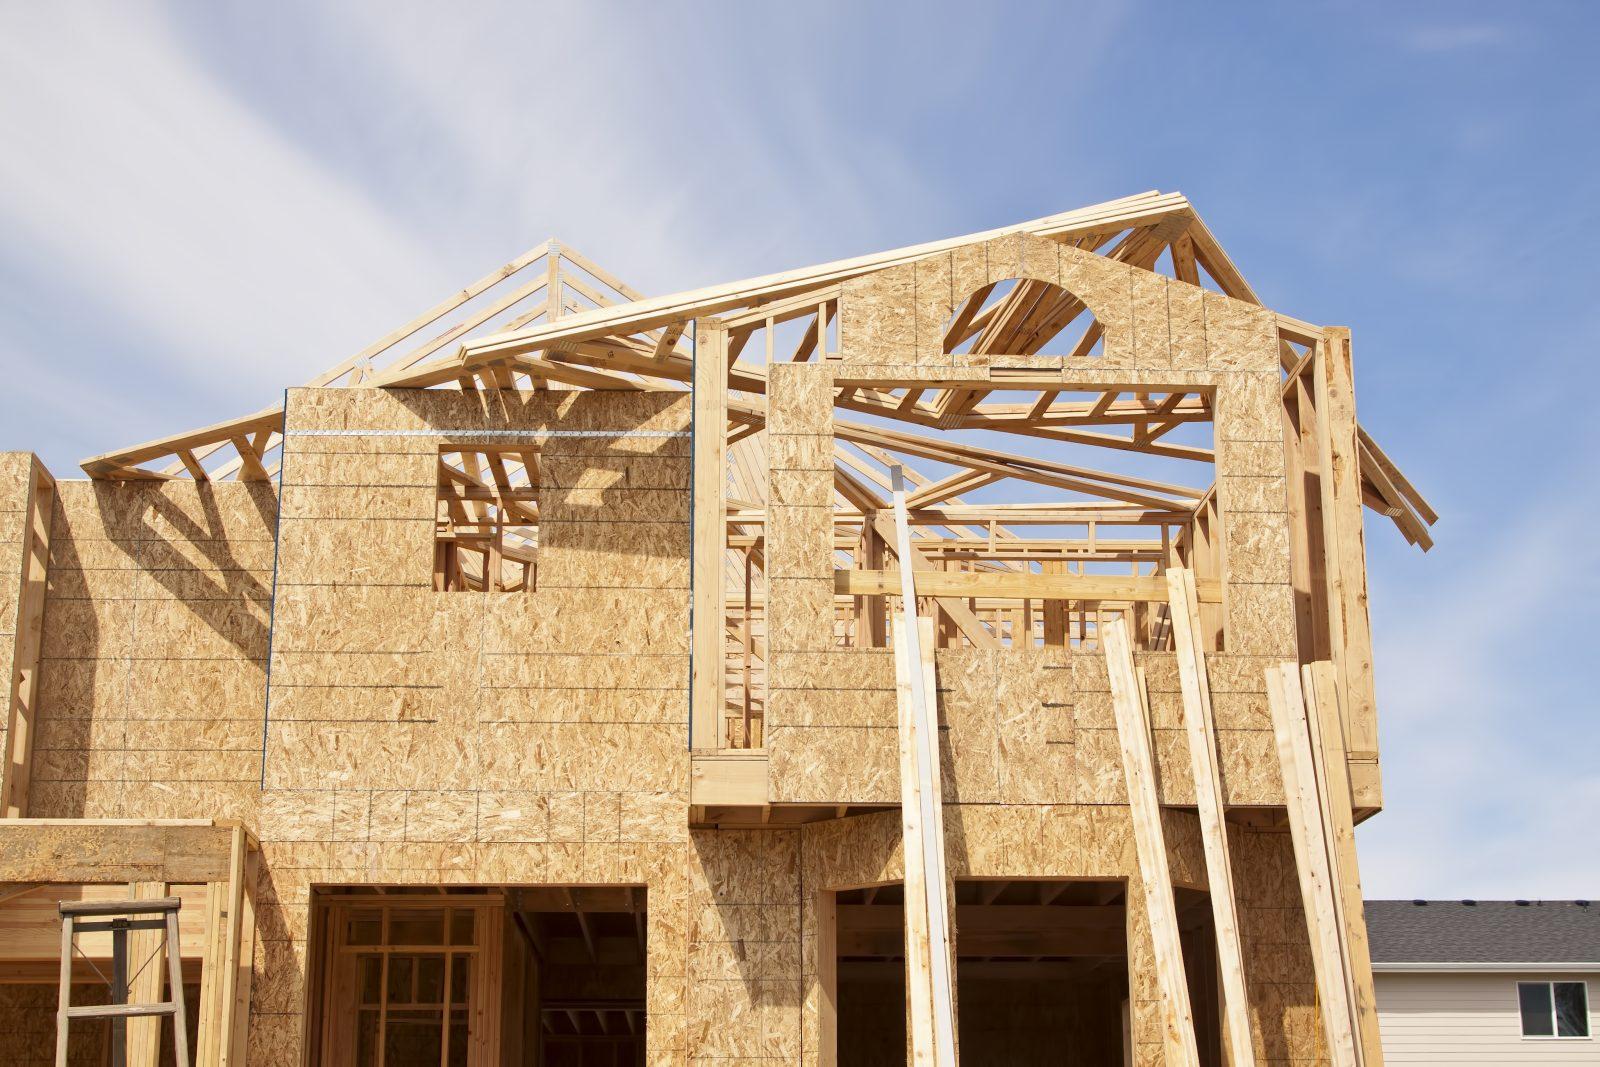 La valeur des permis de construction a bondi de 300 % en un an